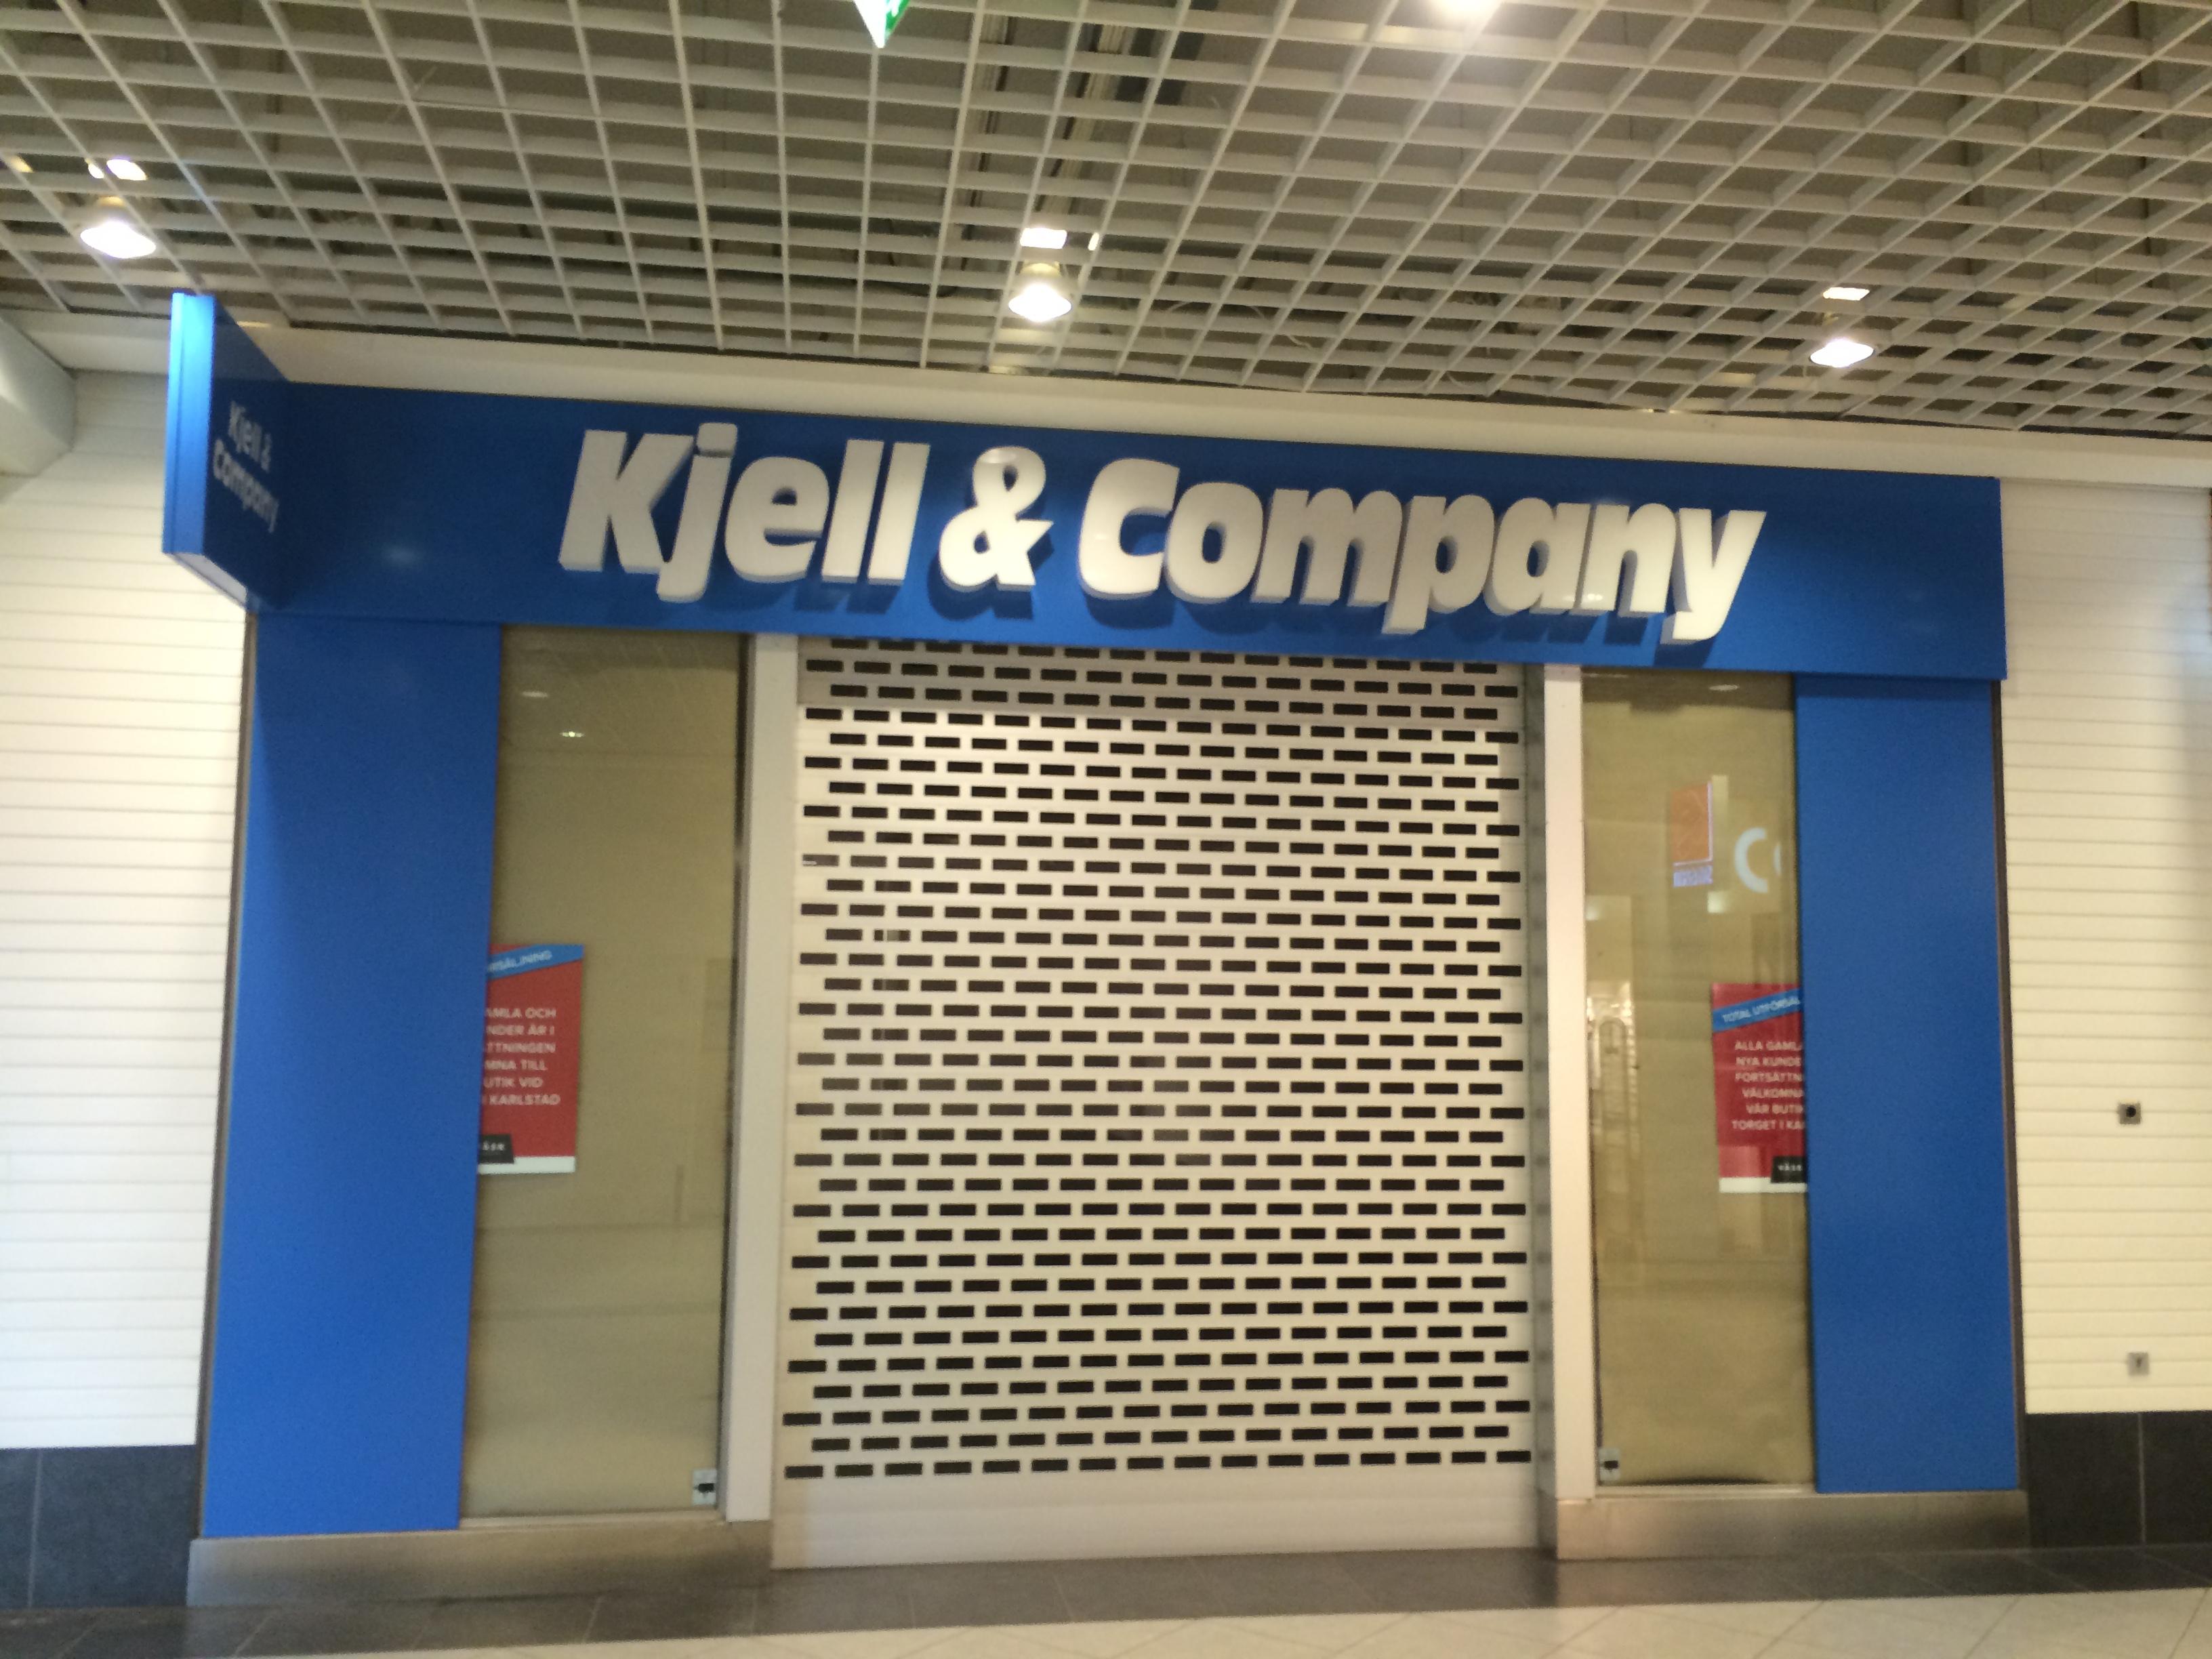 Montage Kjell & Company